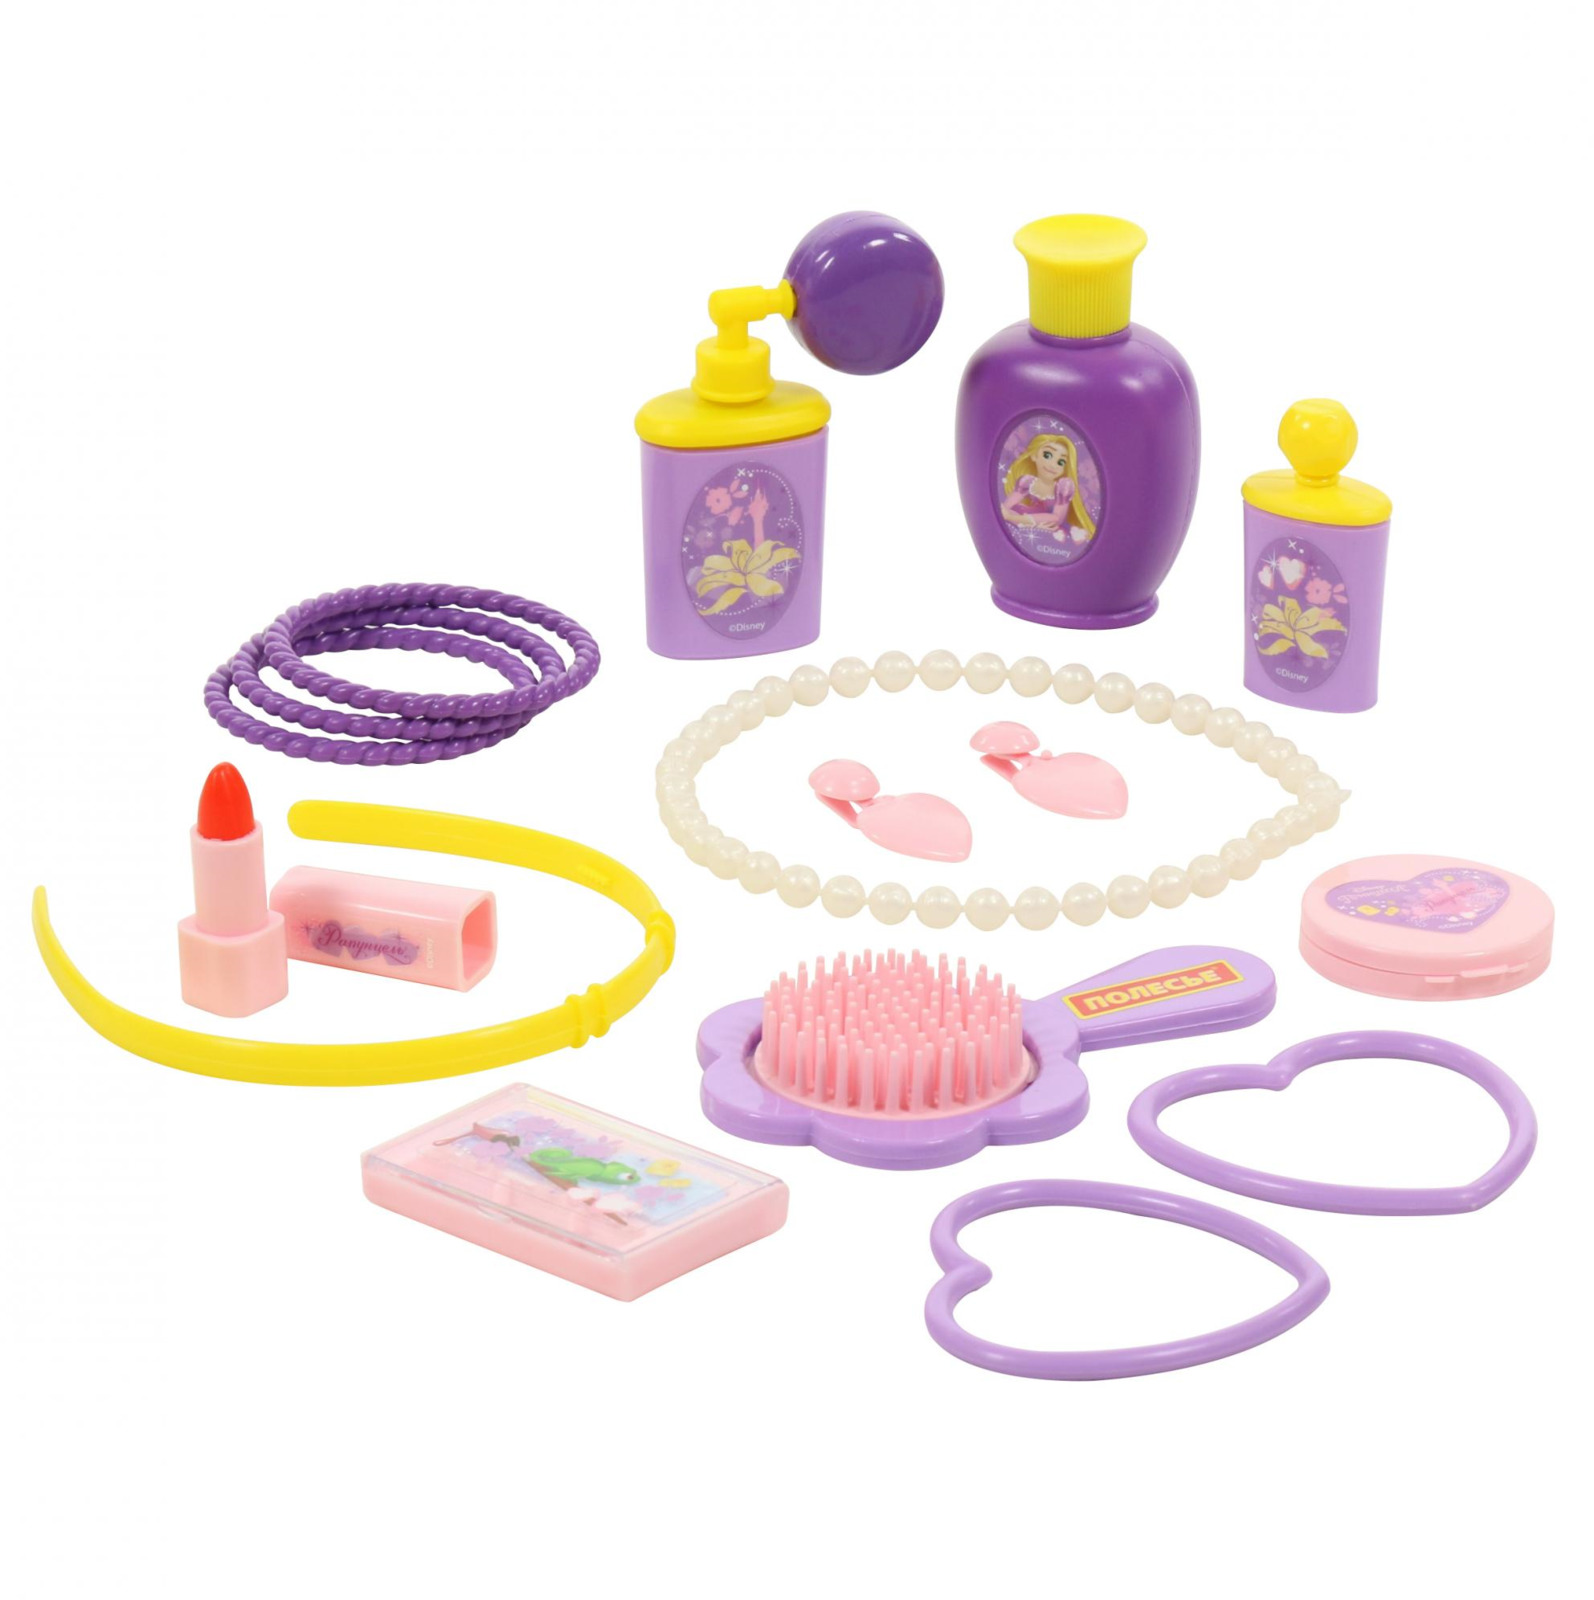 Фото - Набор Полесье Рапунцель №2. Cтань принцессой!, цвет в ассортименте полесье набор игрушек для песочницы 468 цвет в ассортименте